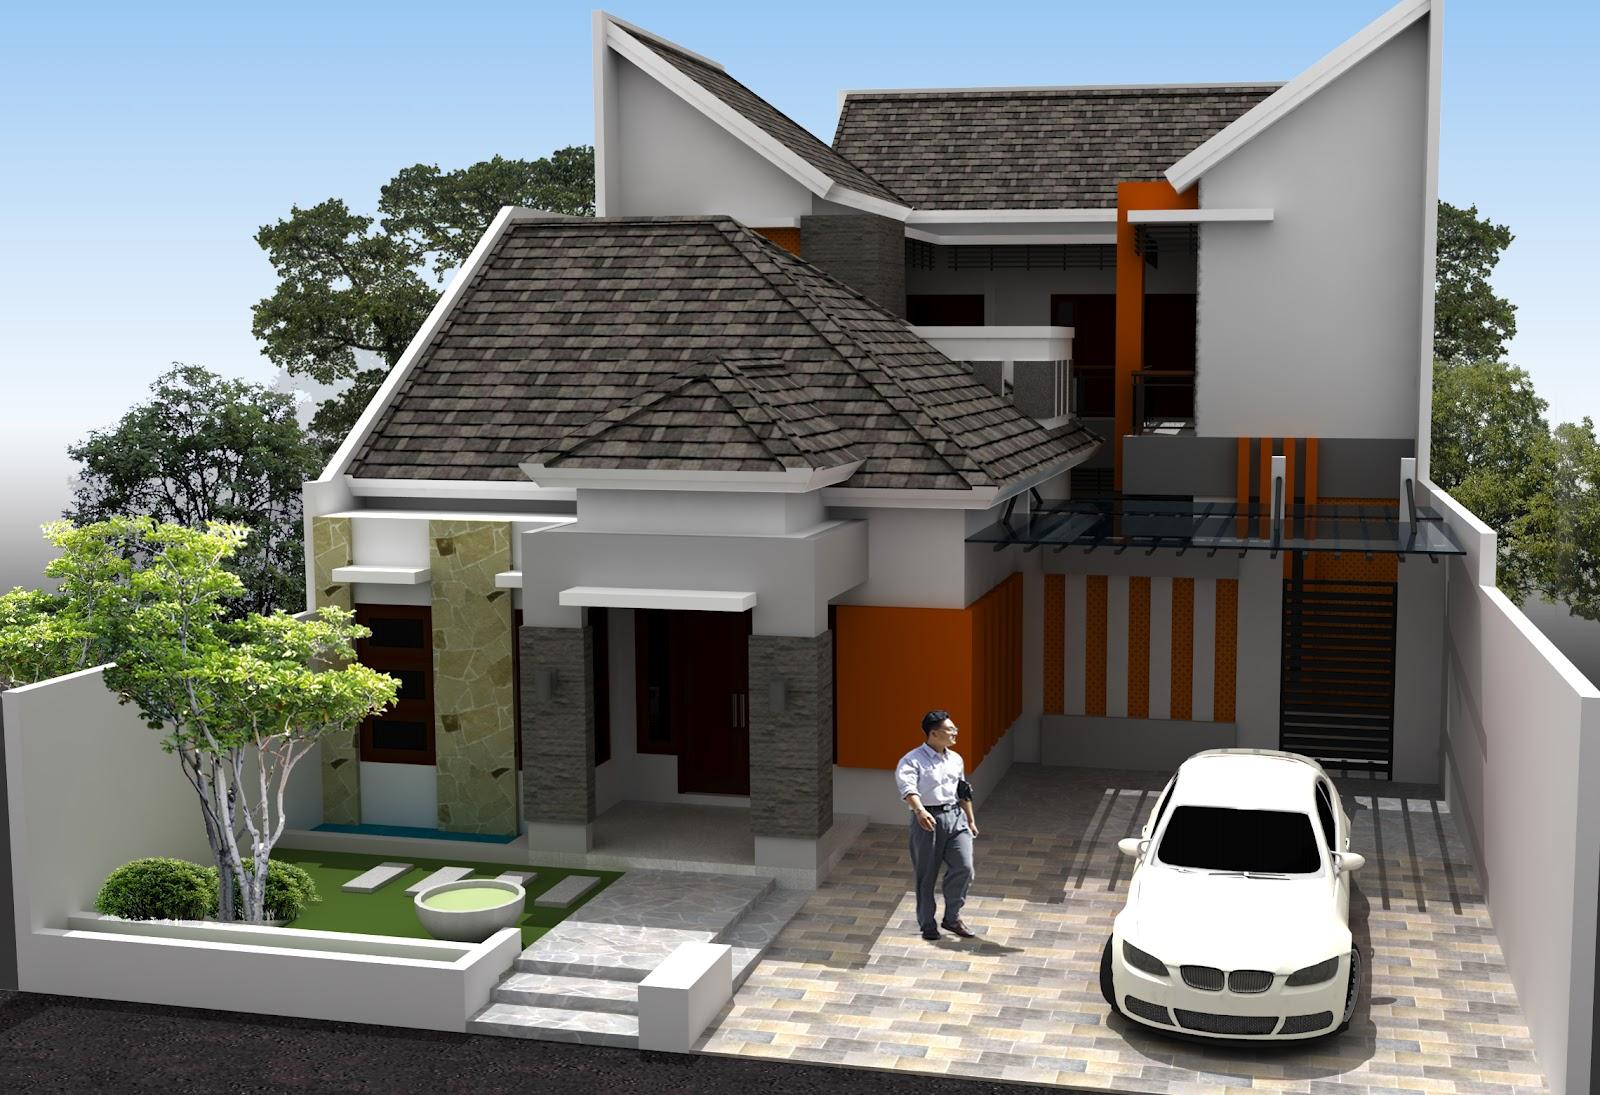 65 Desain Rumah Ruko Minimalis 1 Lantai Desain Rumah Minimalis Terbaru